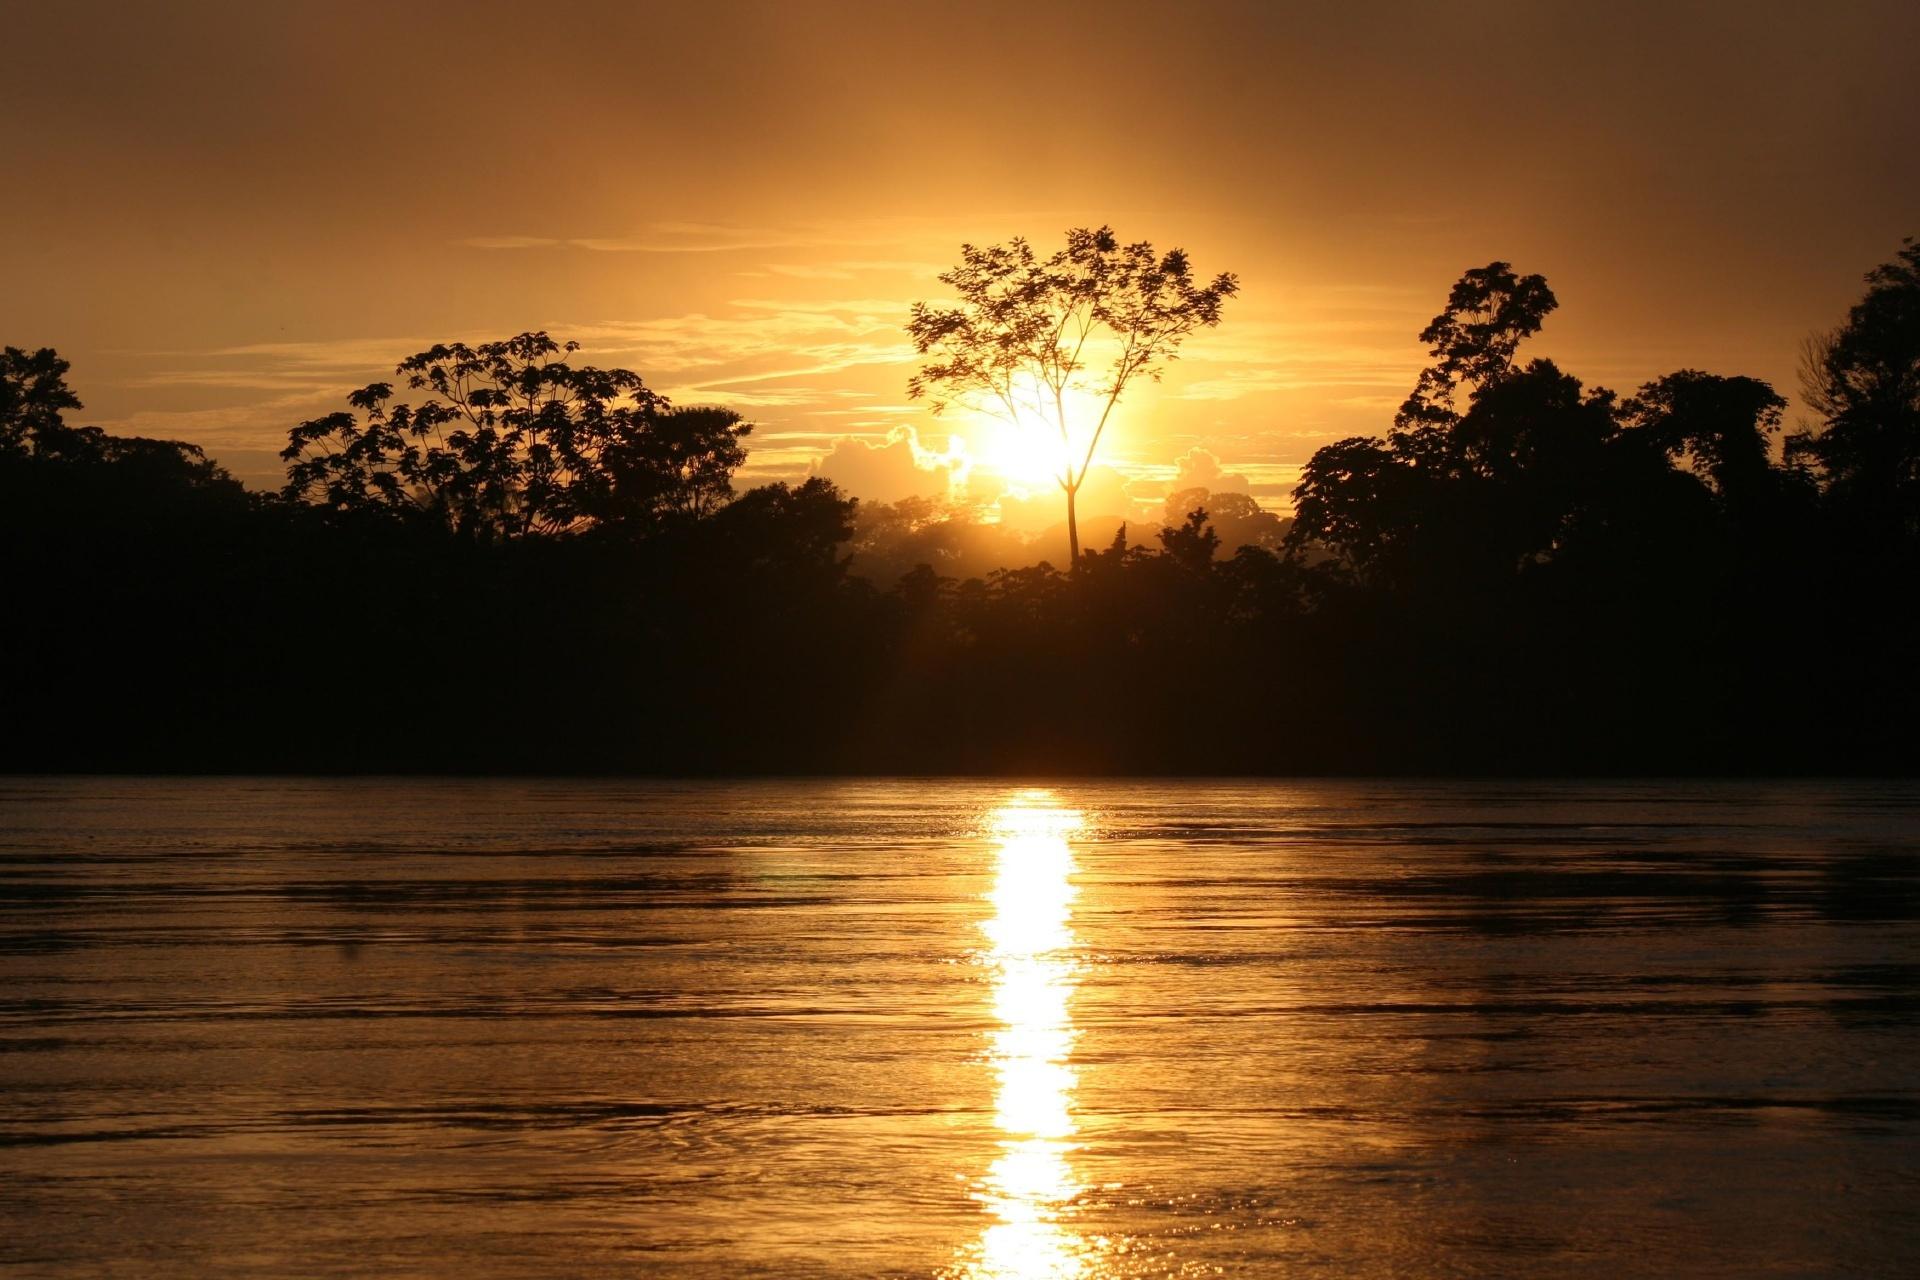 アマゾンの熱帯雨林に昇る朝日 ペルー